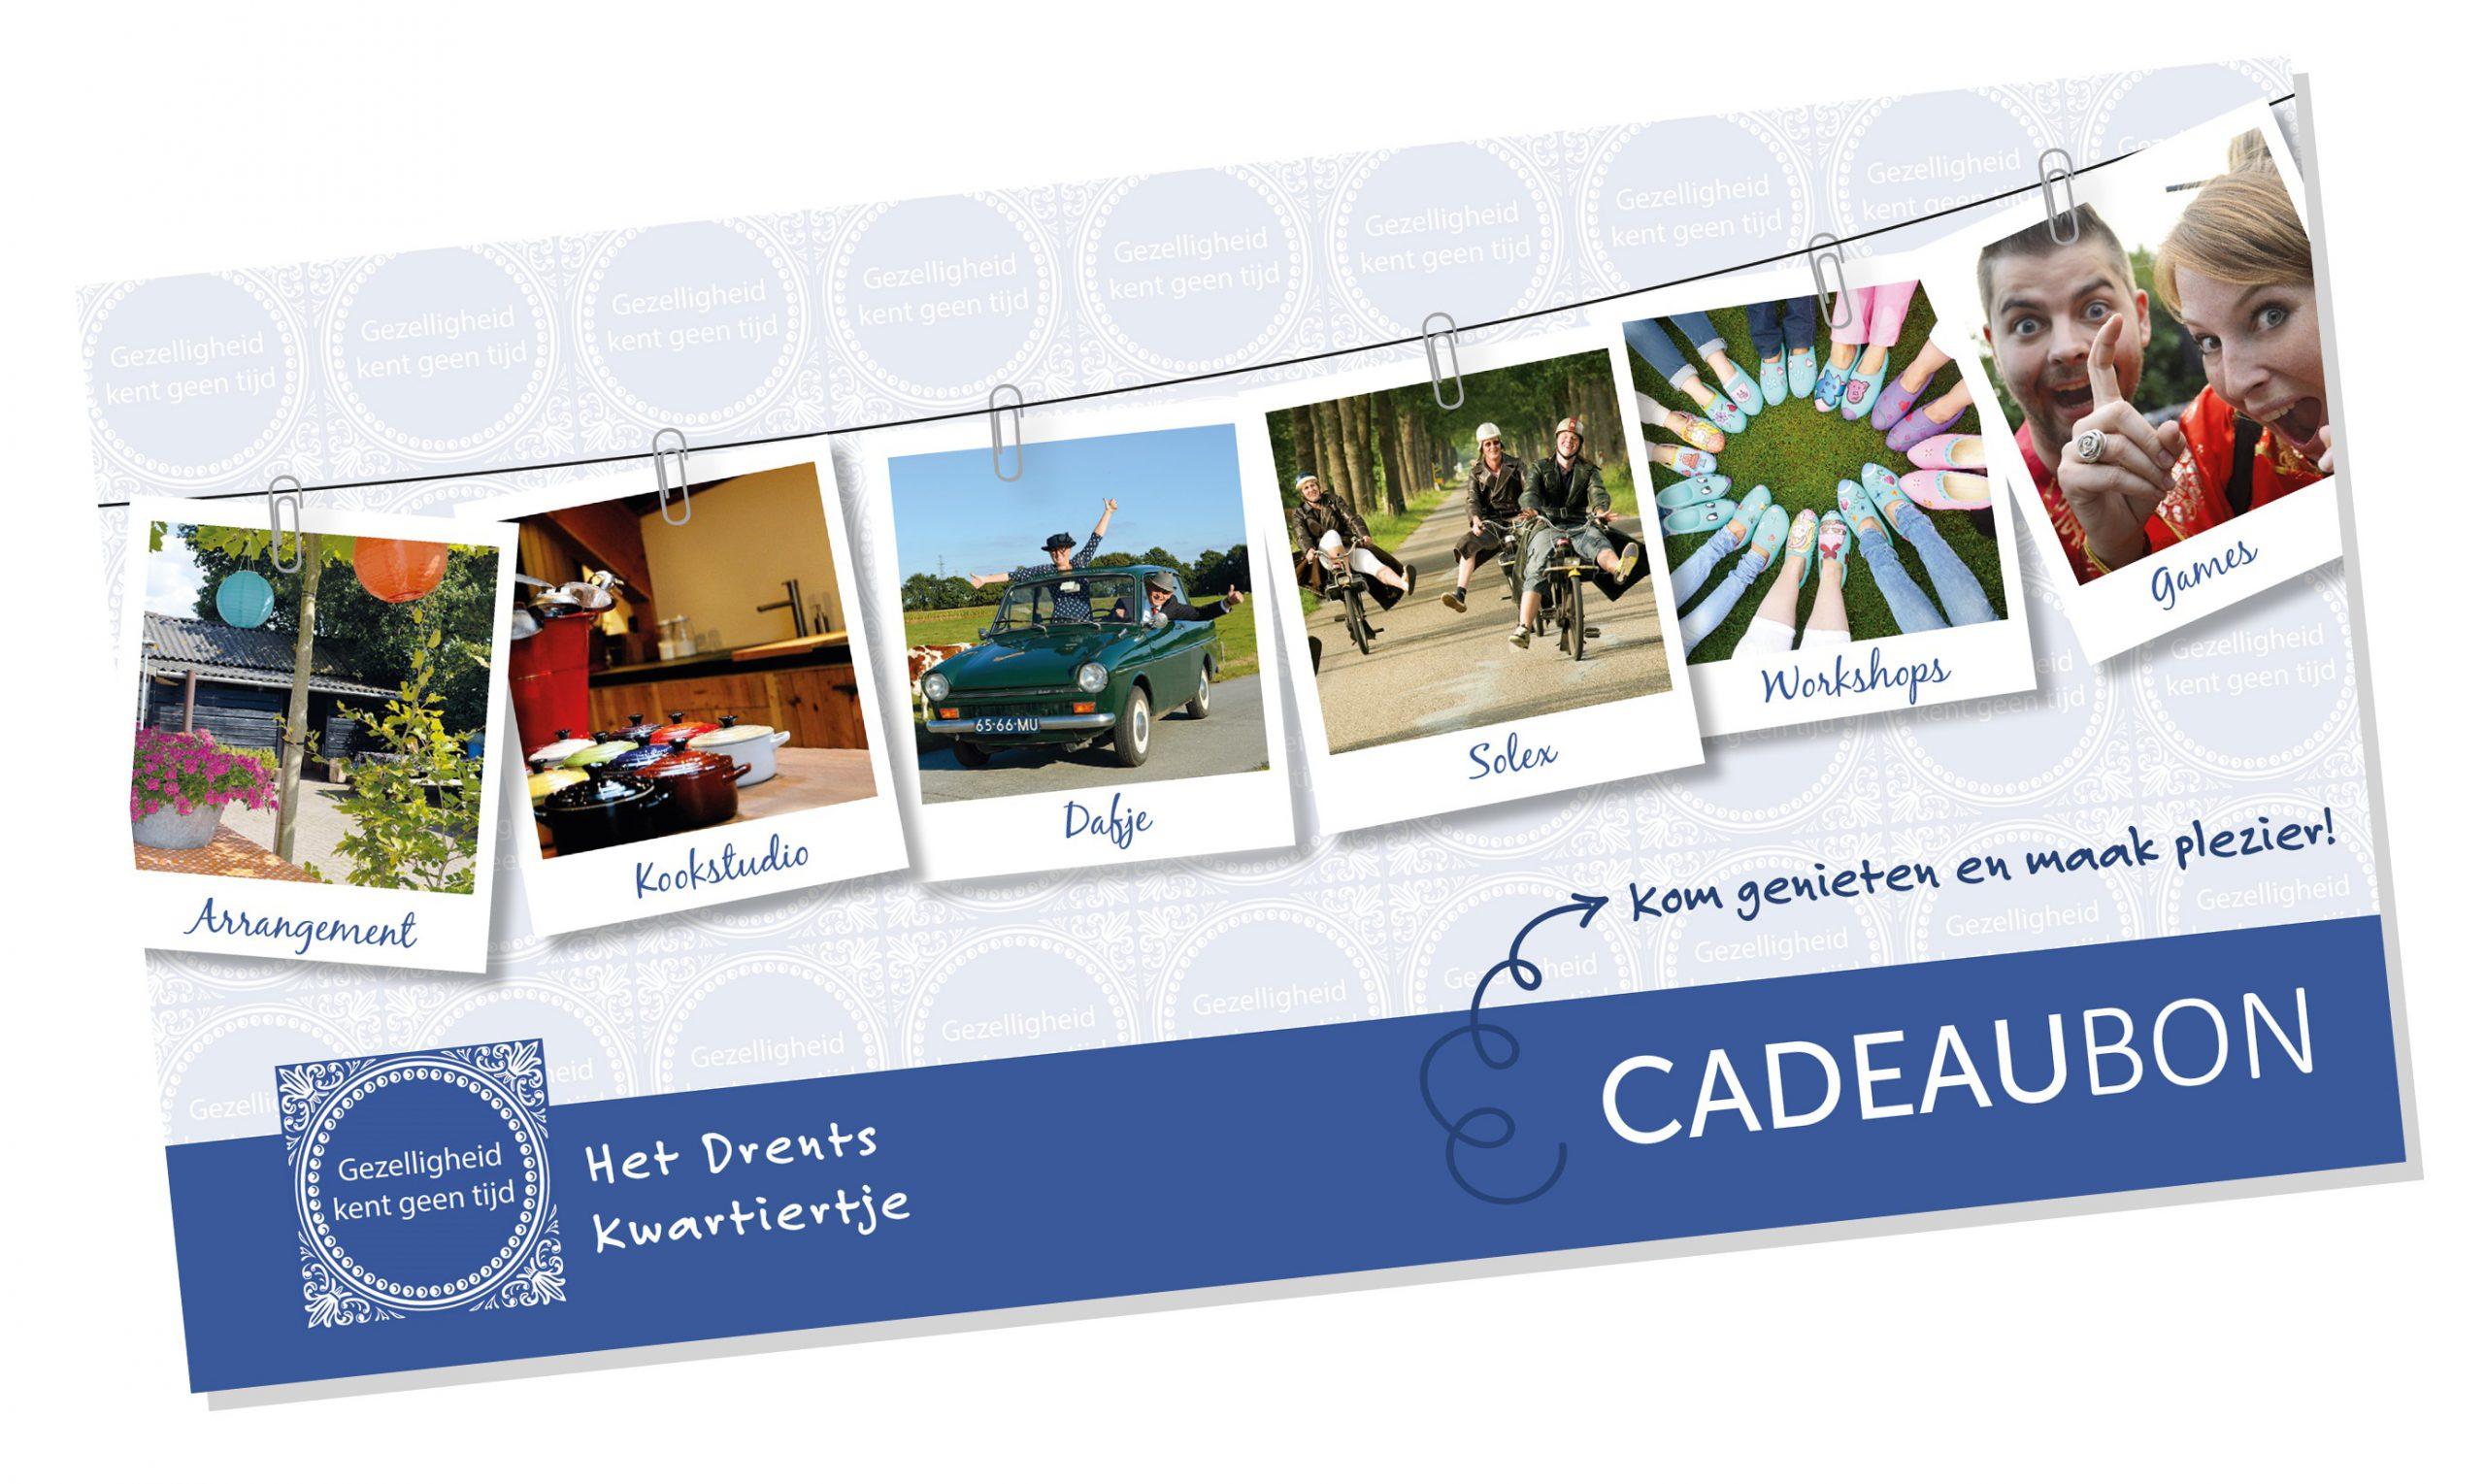 cadeaubon Drentskwartiertje voorkant scaled - Het Drents Kwartiertje - Solex Huren / Rijden - Dafje Huren / Rijden - Groepsactiviteiten, workshops, teambuilding en trainingen Drenthe